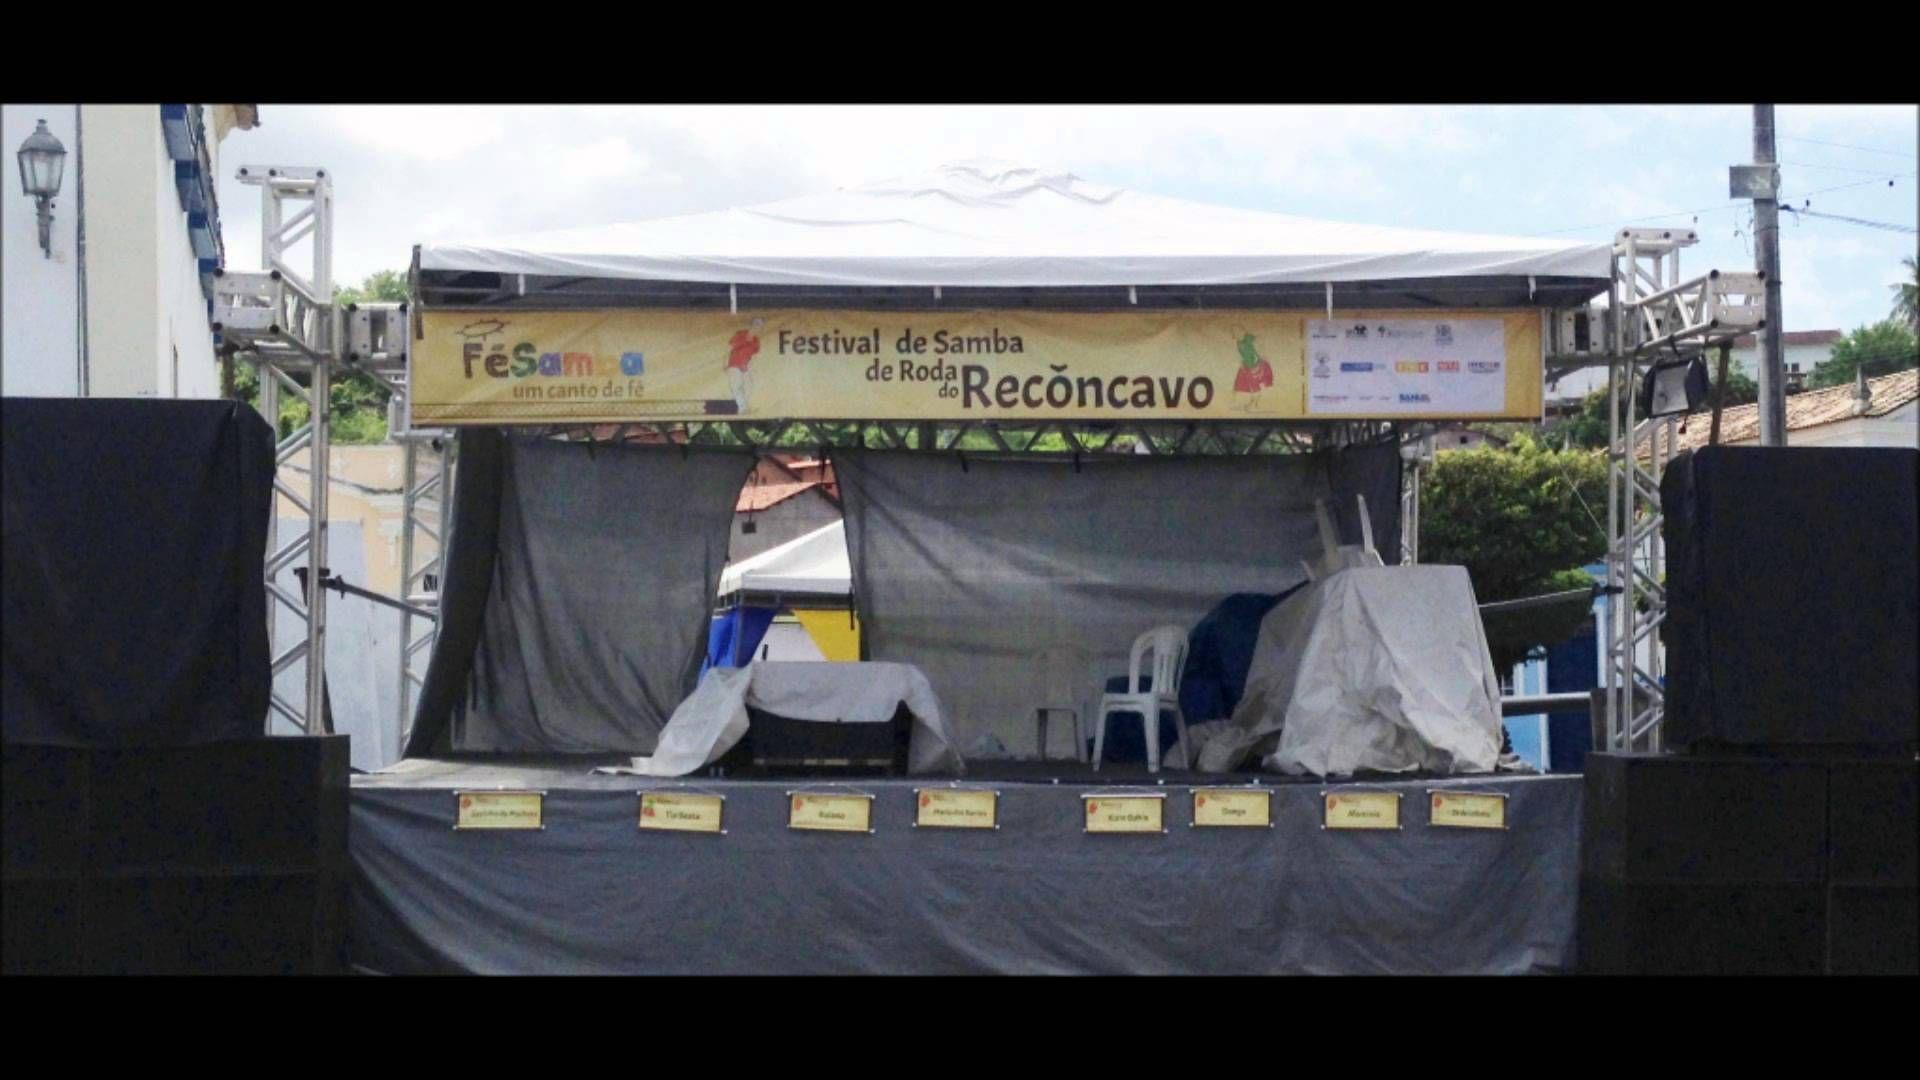 SAMBA DE RODA DE DONA DALVA - FÉSAMBA - Festival de Samba de Roda do Rec...